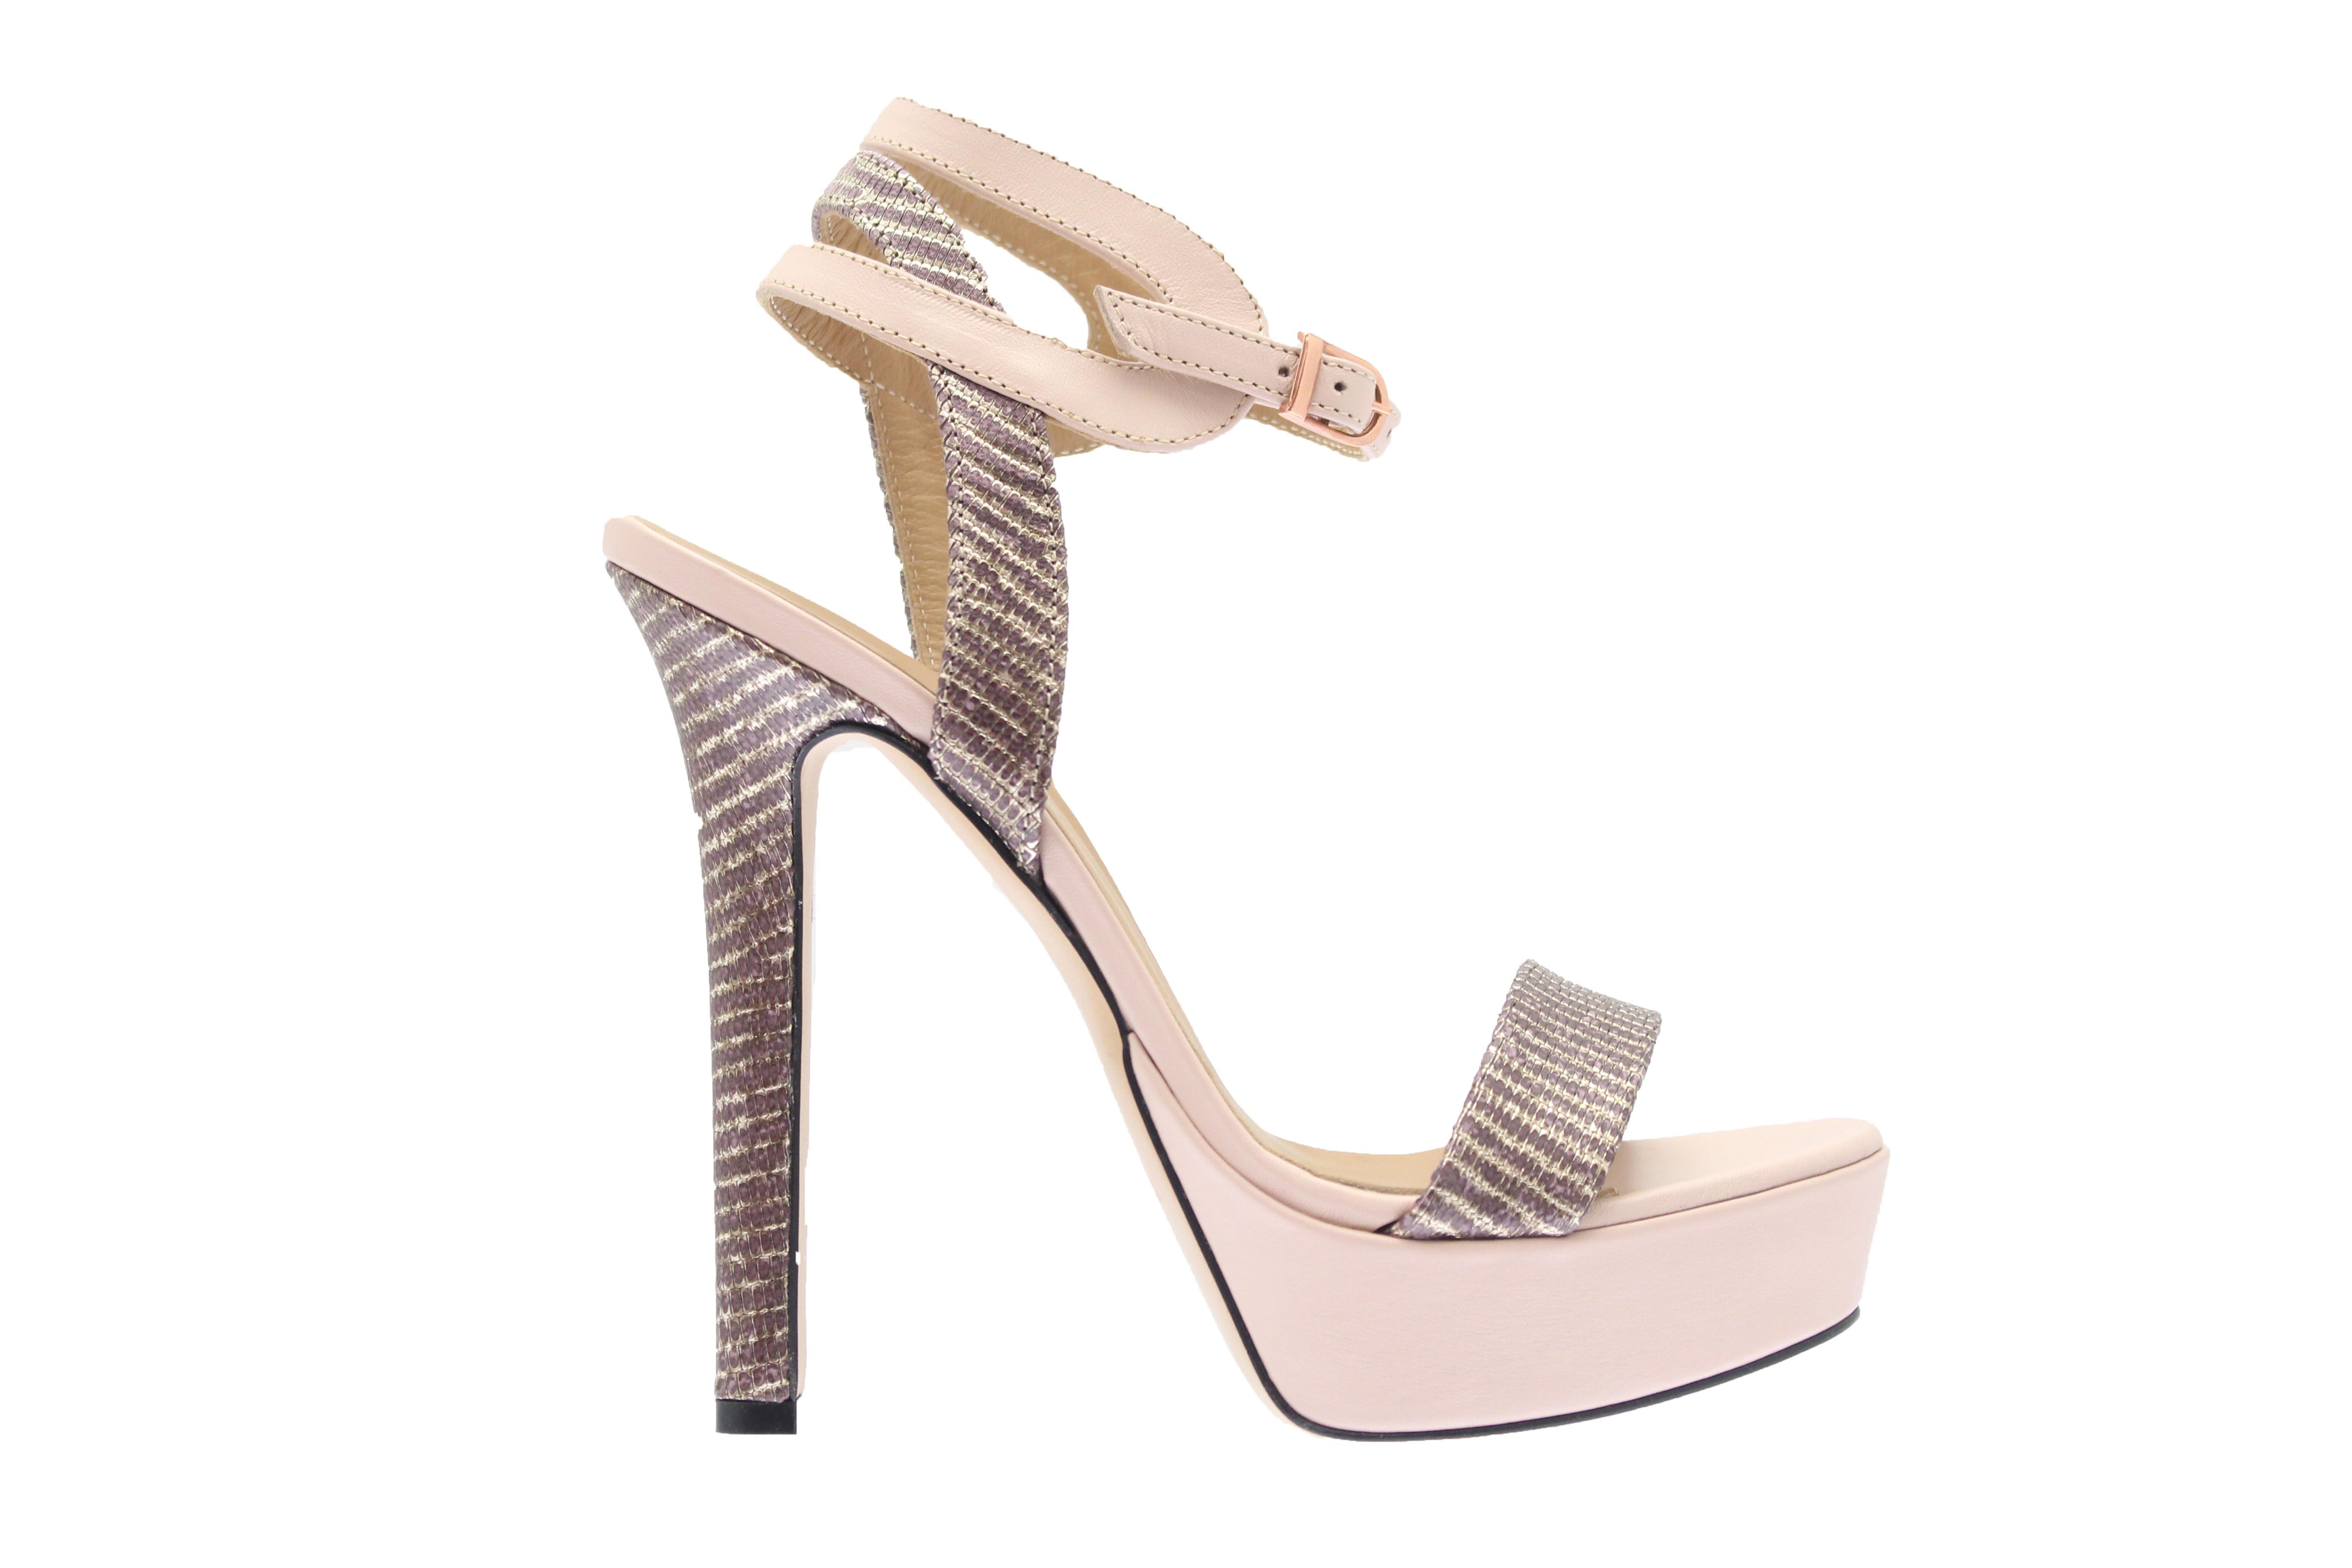 Shoes Paris Couture Femme Sandale Ligne Sublime Haut À De Osmose Talon bYg7fy6